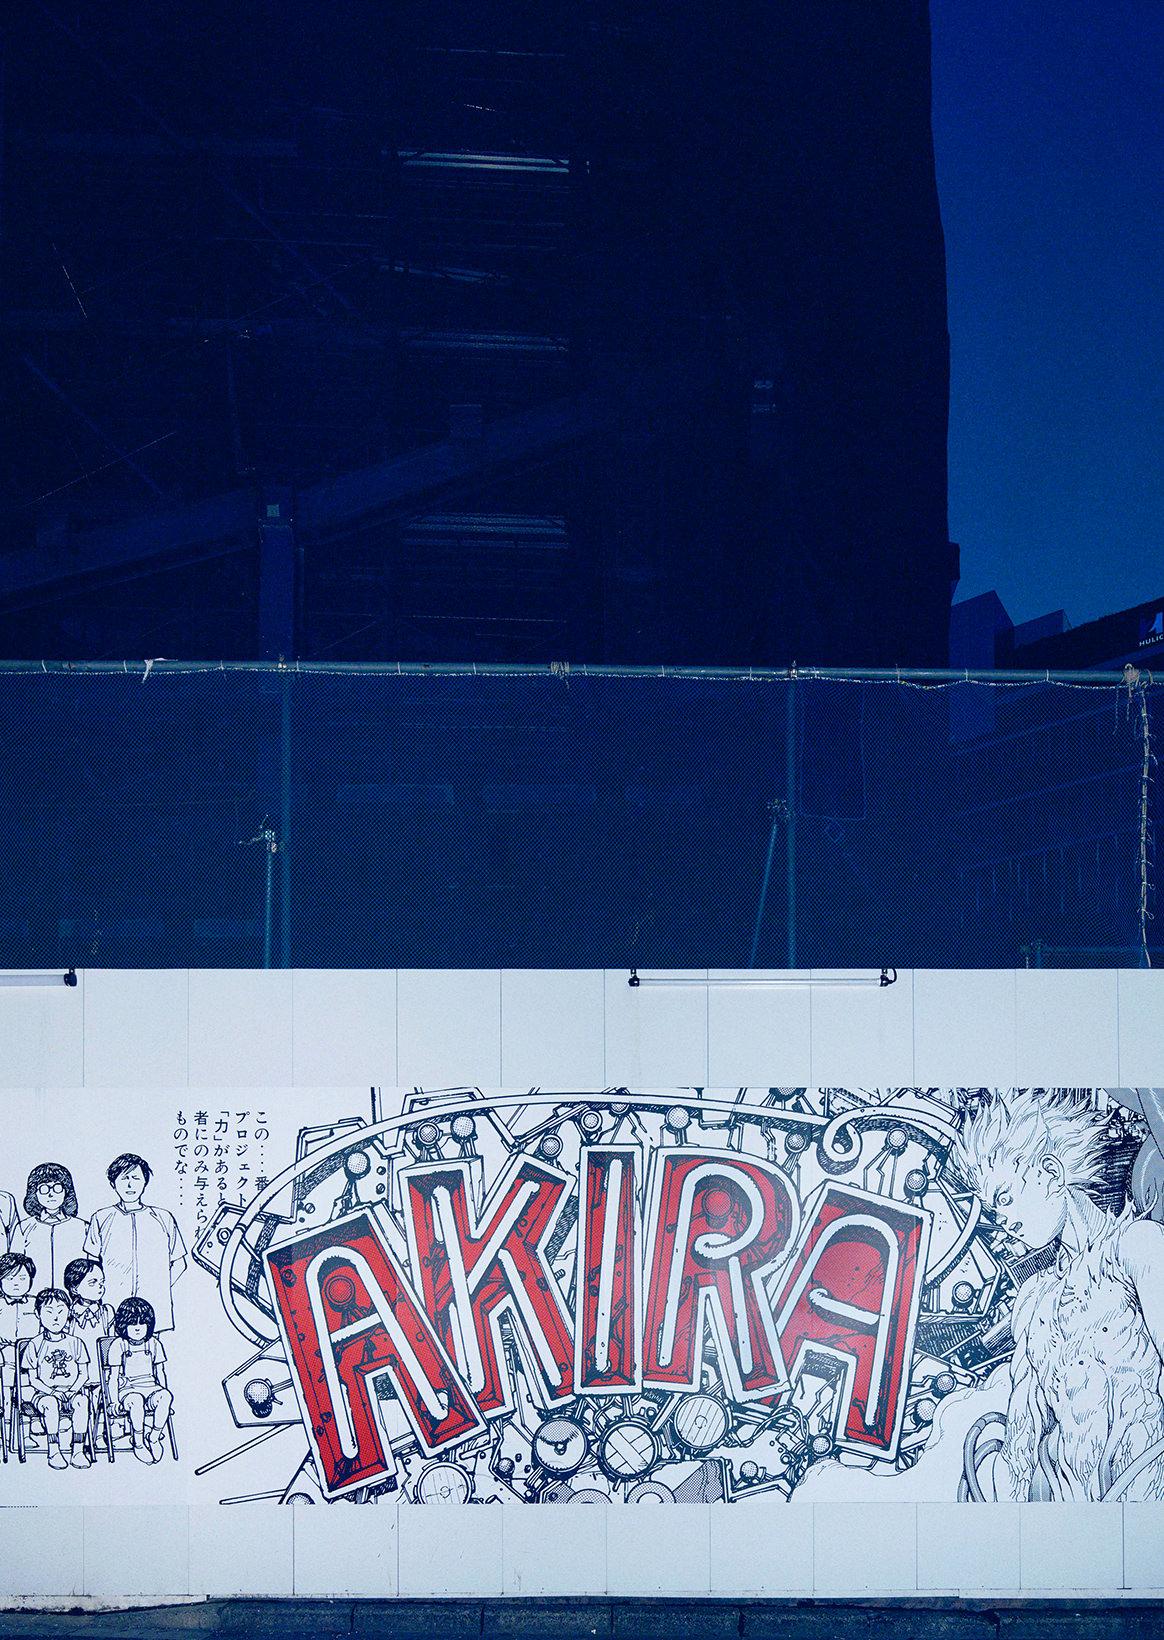 AKIRAアートウォールが渋谷に甦る。「AKIRA ART OF WALL Otomo Katsuhiro × Kosuke Kawamura  AKIRA ART EXHIBITION」